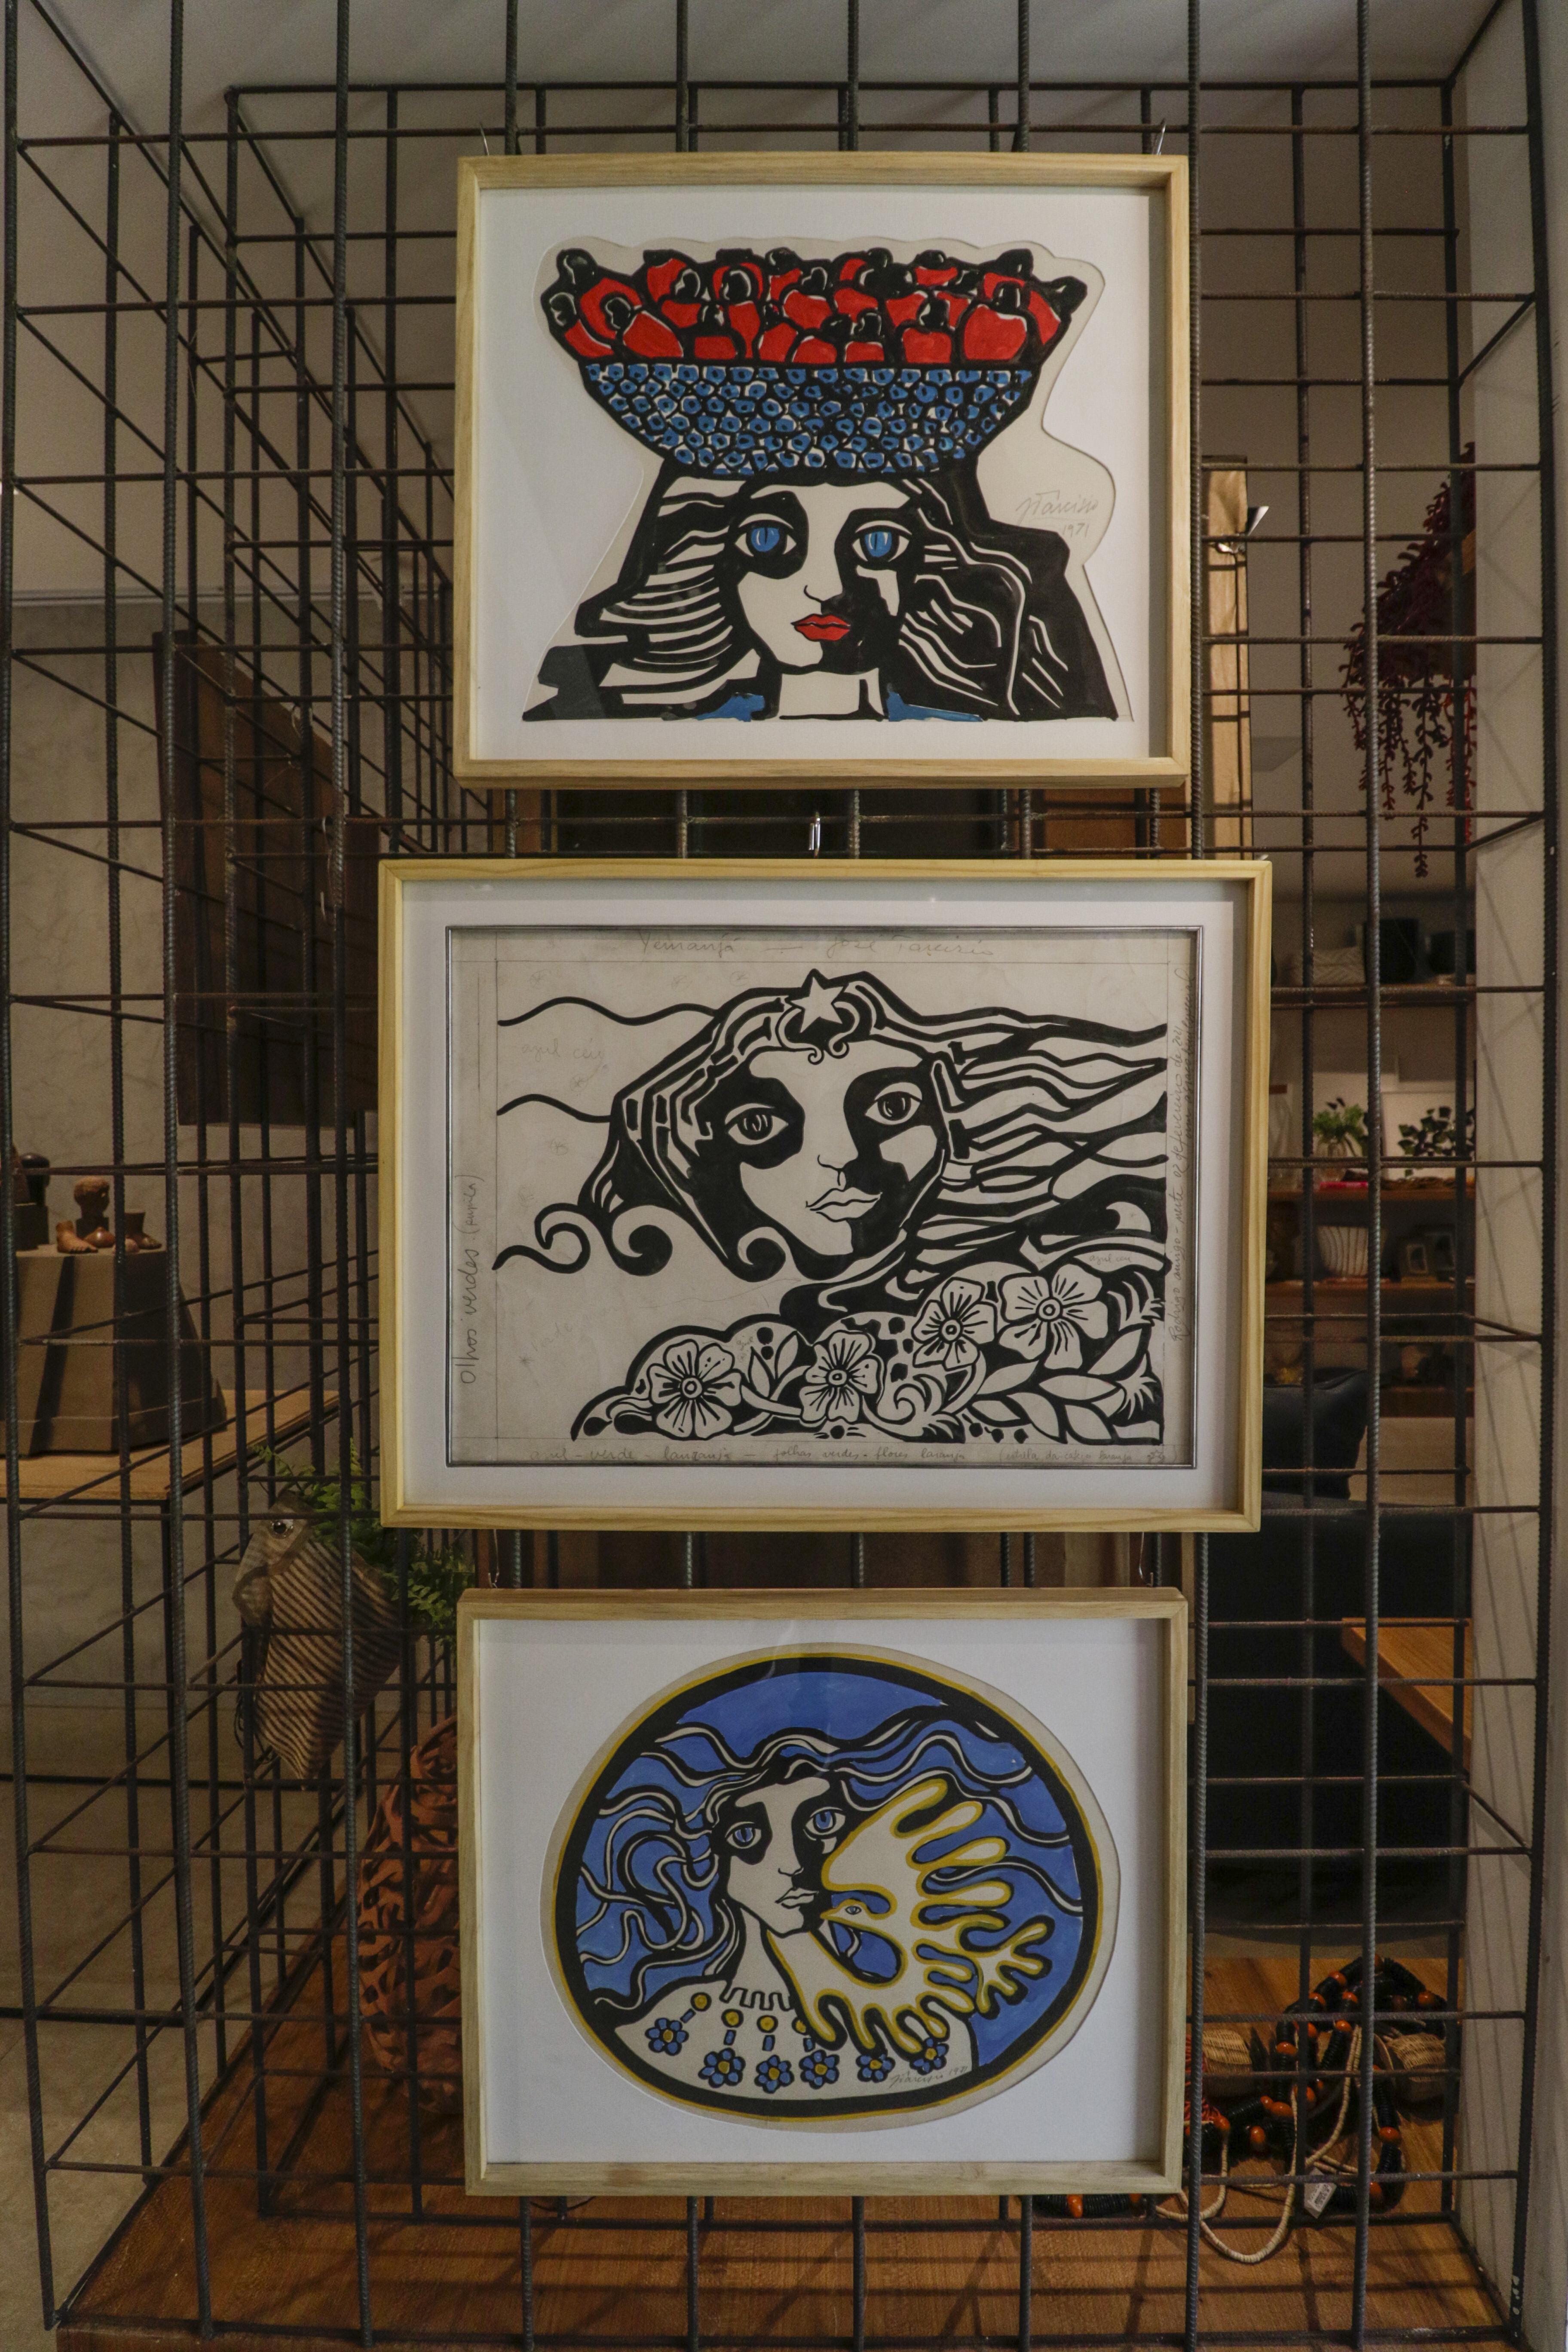 (Foto: Thais Mesquita)FORTALEZA, CE, BRASIL, 26.07.2021: Exposição do Artista Ze Tarcísio na Sculpt Galeria. A galeria fica dentro da loja de decoração Spazio, localizada na Rua Paula Ney, no bairro Aldeota. Obra em serigrafia (Thais Mesquita/OPOVO)